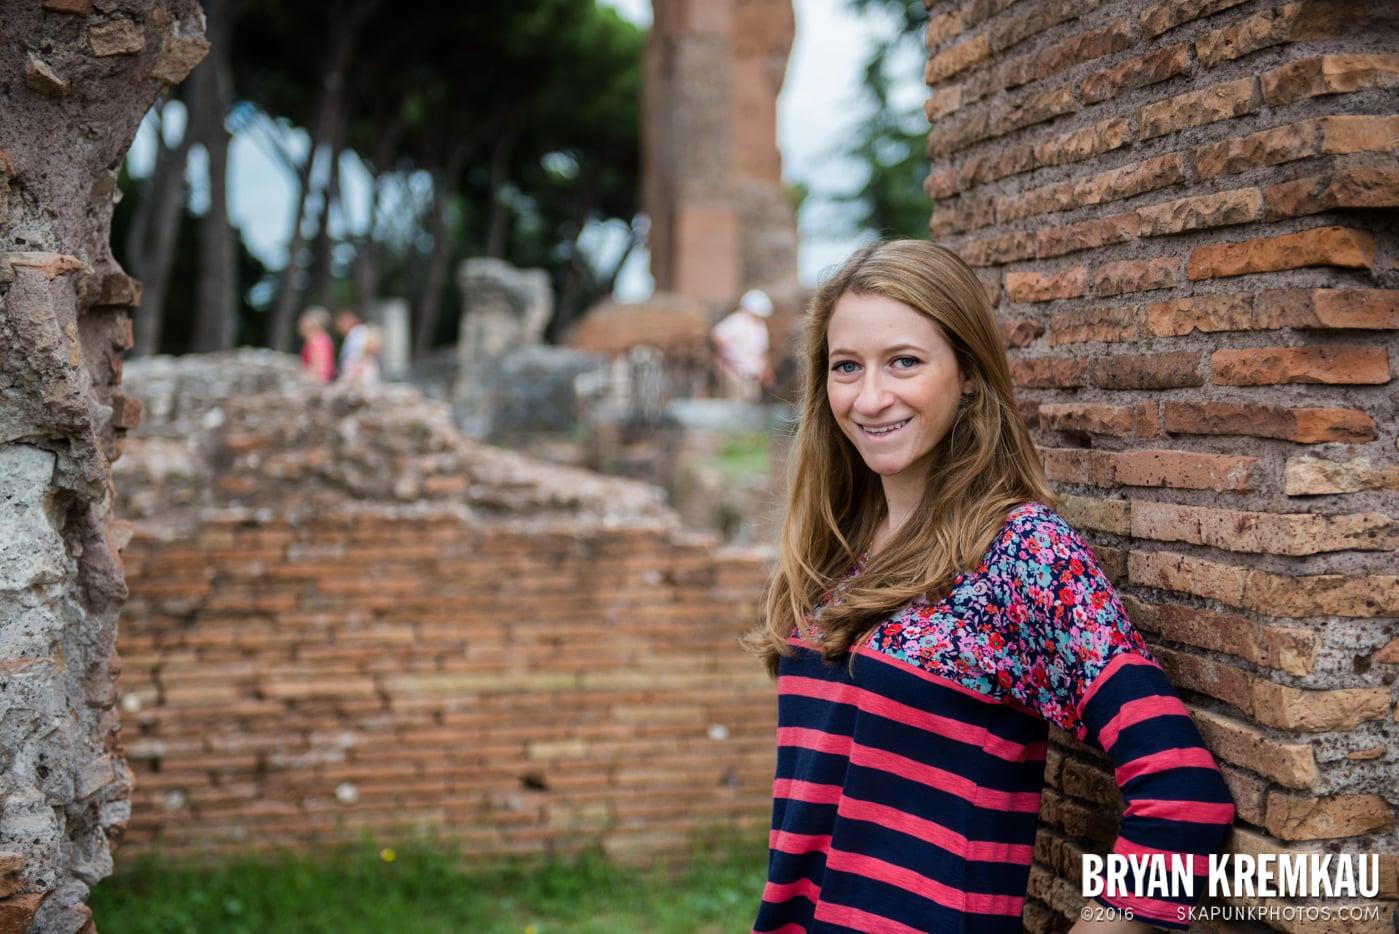 Italy Vacation - Day 2: Rome - 9.10.13 (76)